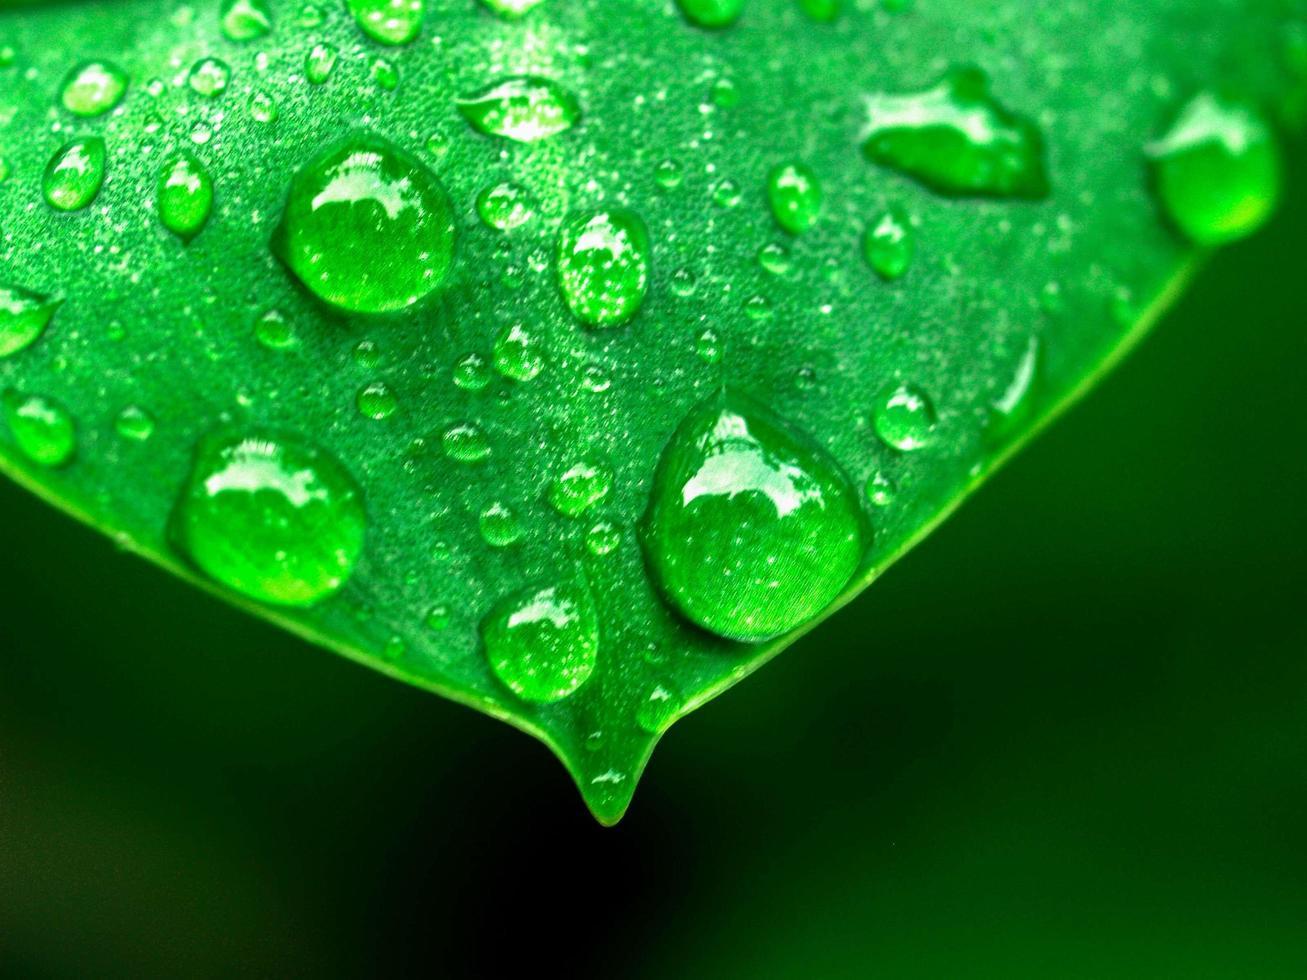 waterdruppels op een blad foto